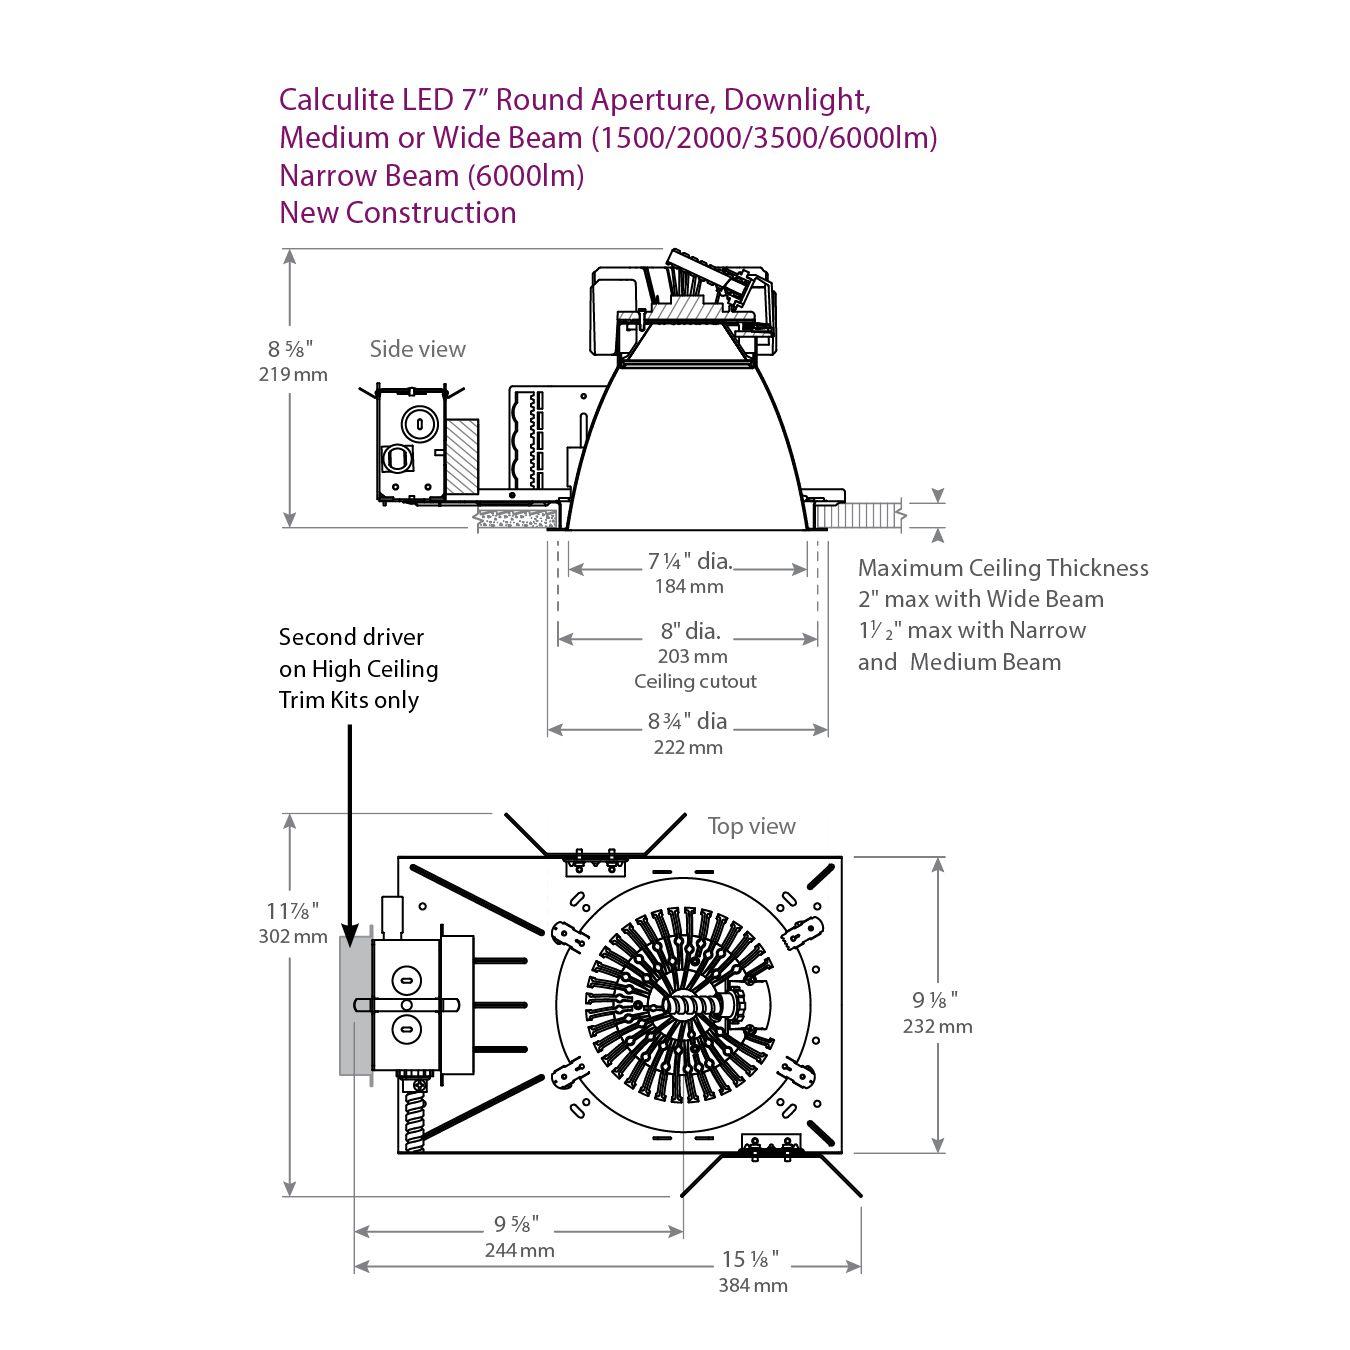 c7l dl vb_c7l50n_c7l50dl_high_ceiling_dimensions lightolier c7l50n calculite led 7\